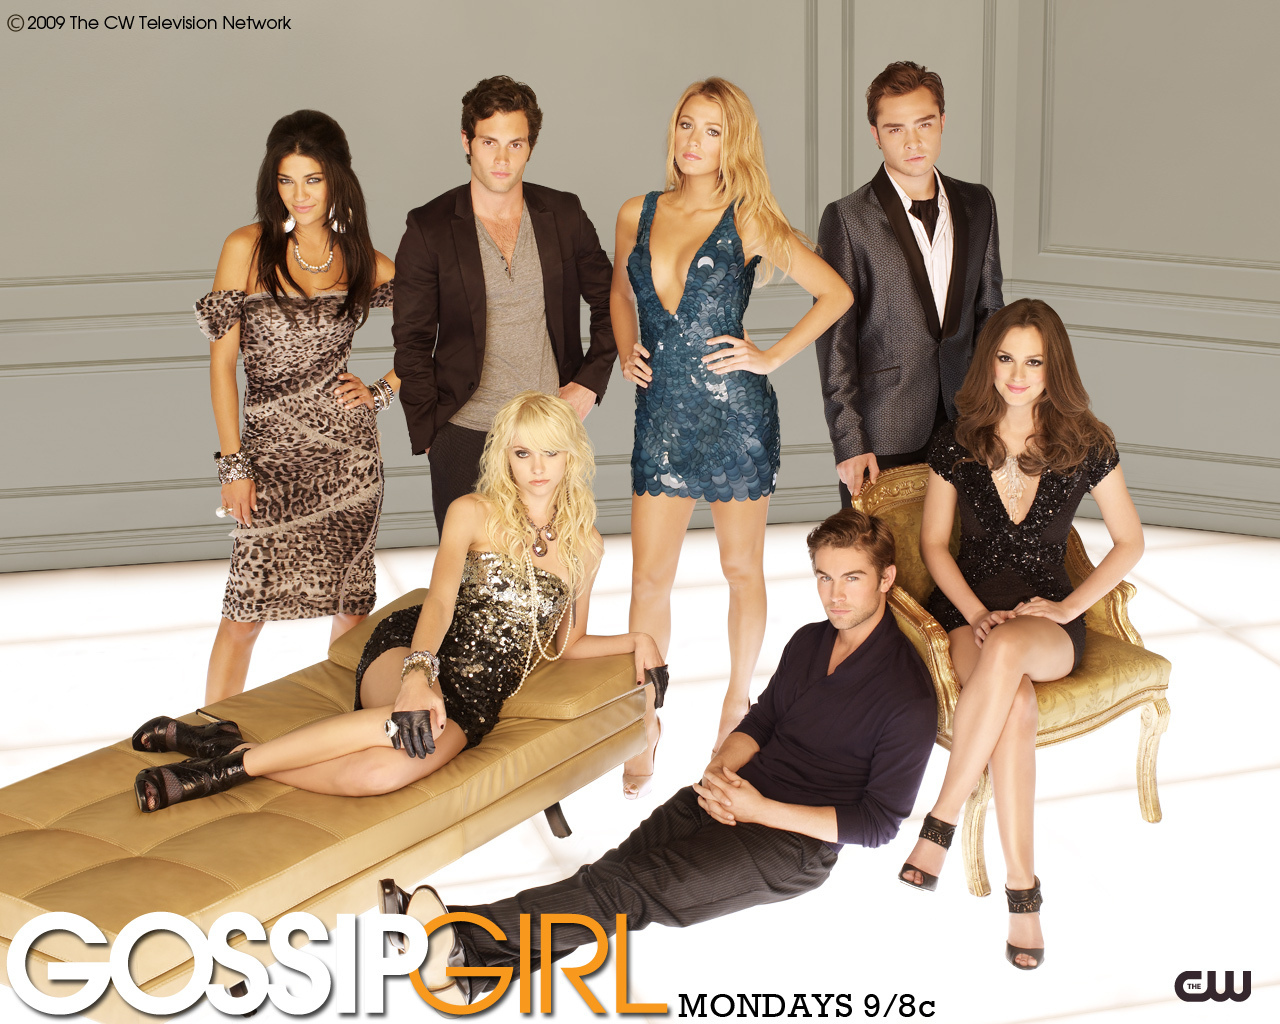 Gossip Girl wallpapers